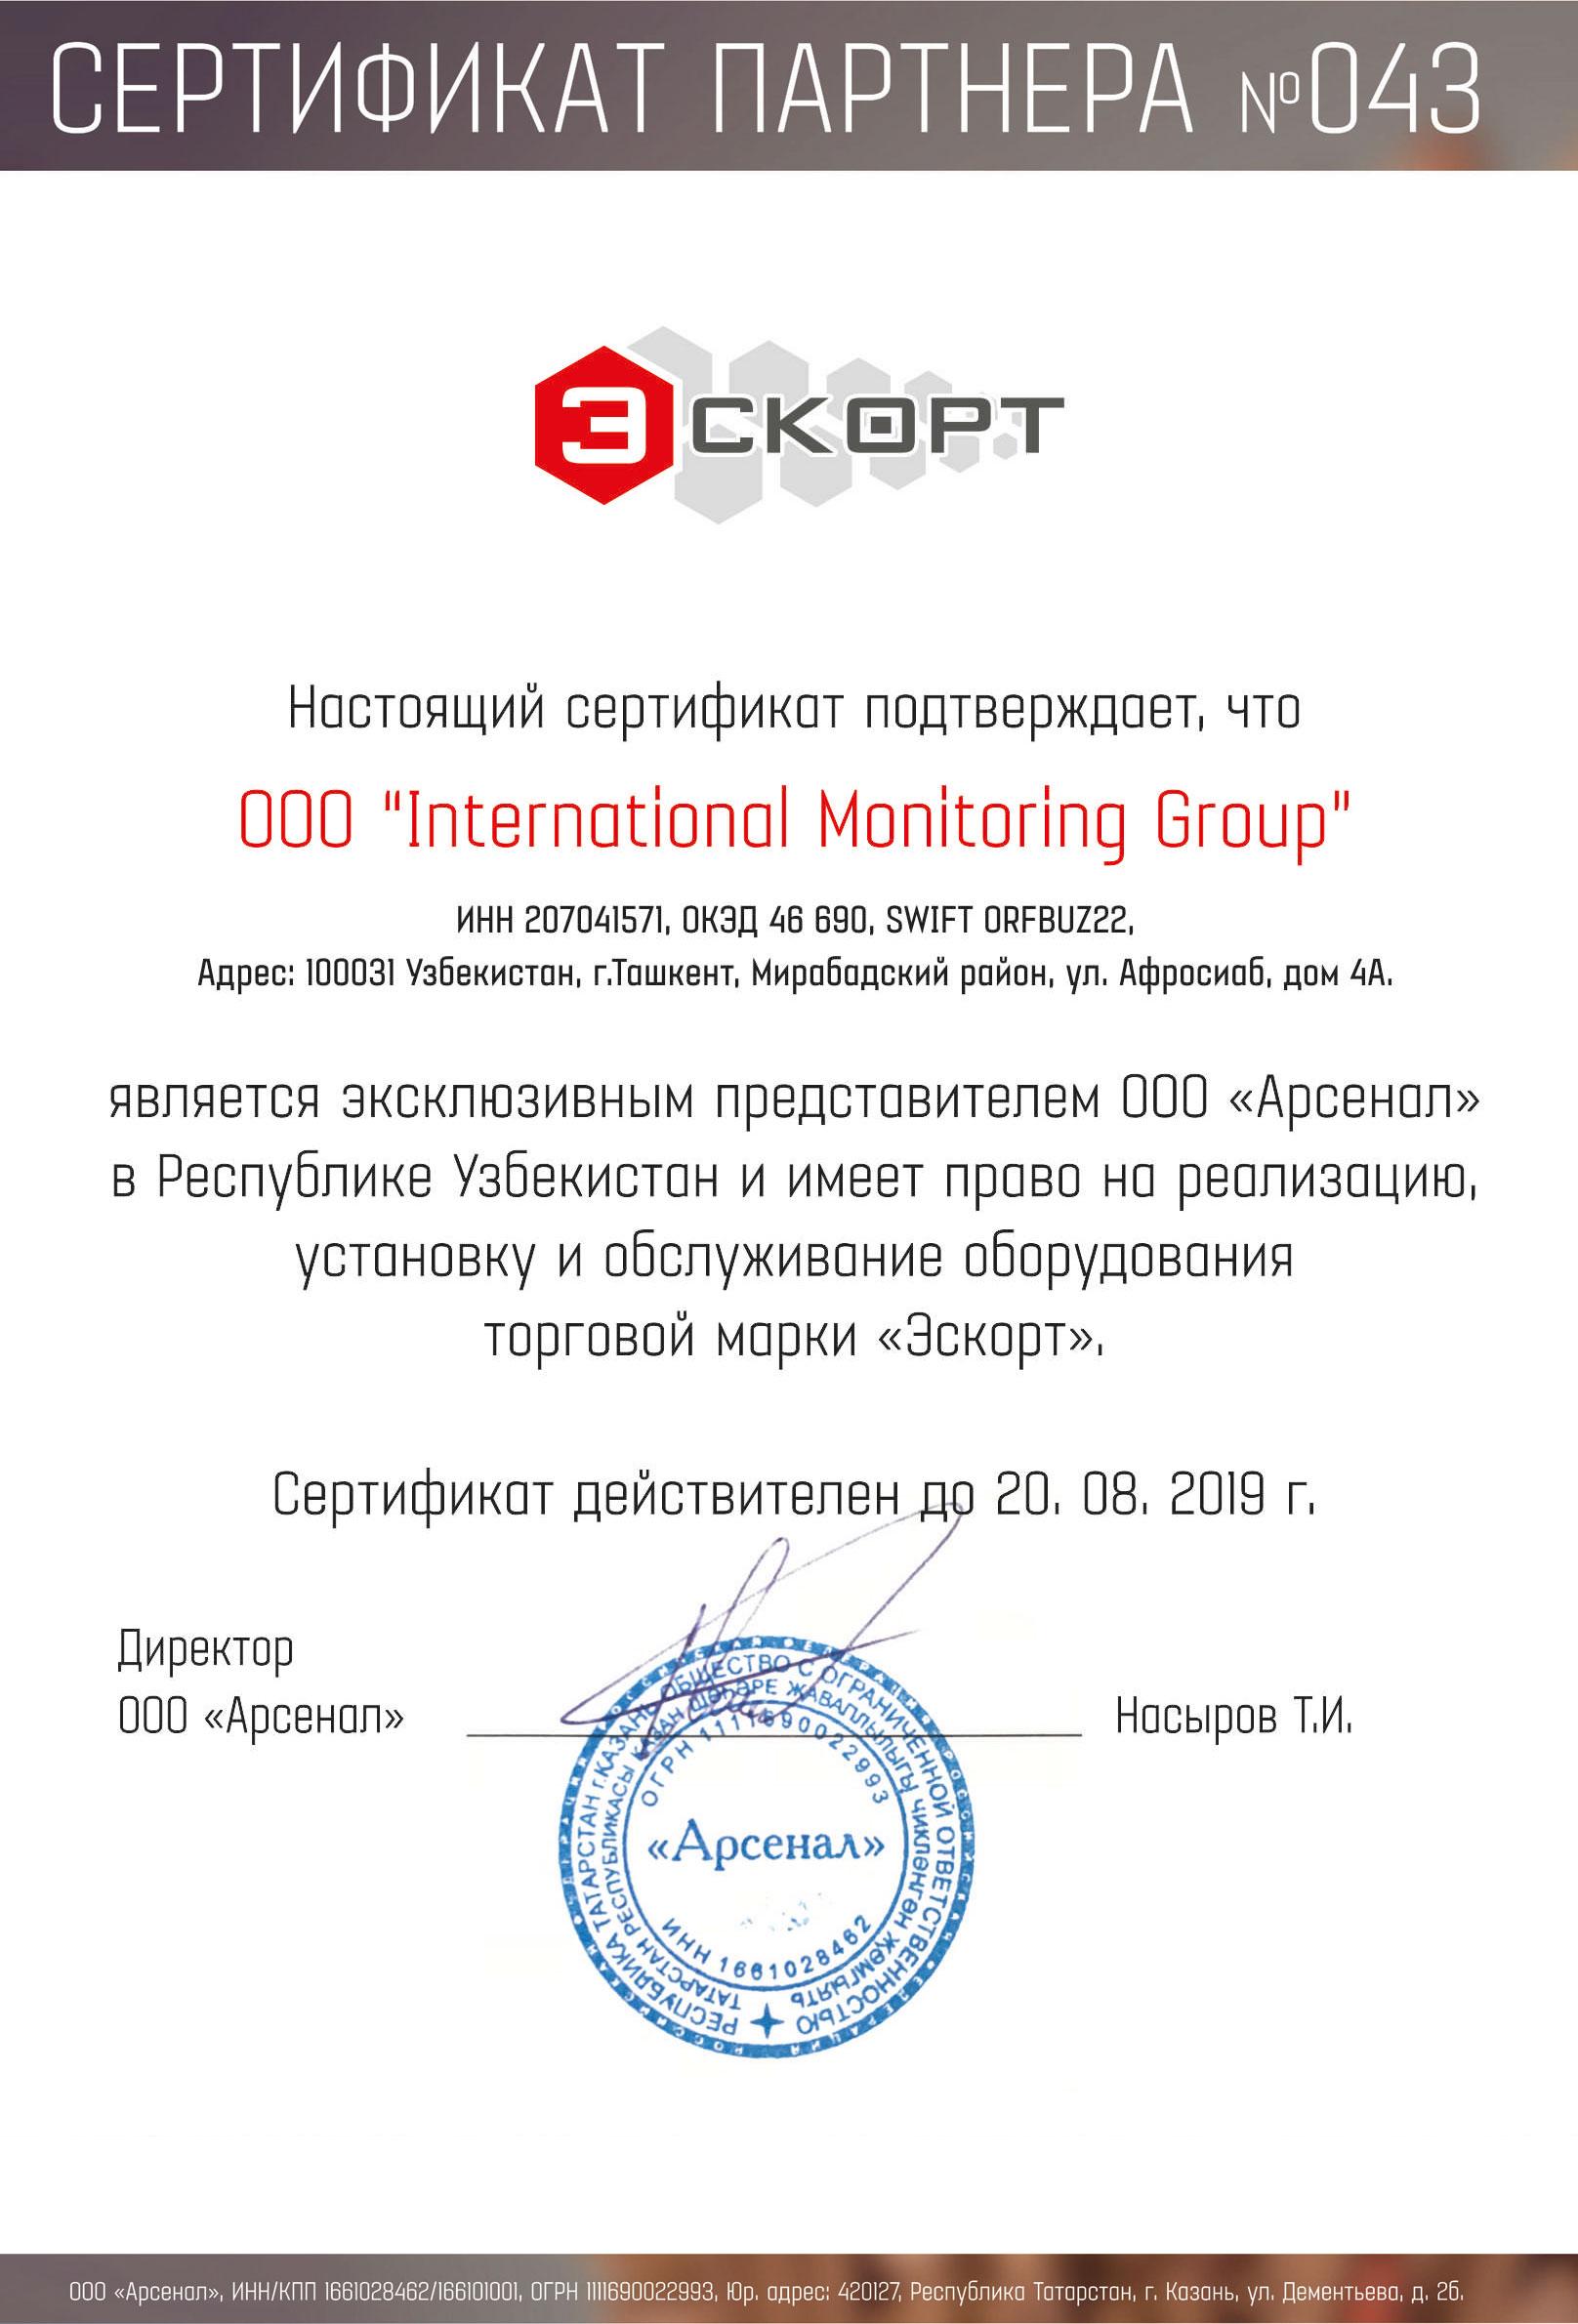 Сертификат Эксклюзивного представителя Эскорт